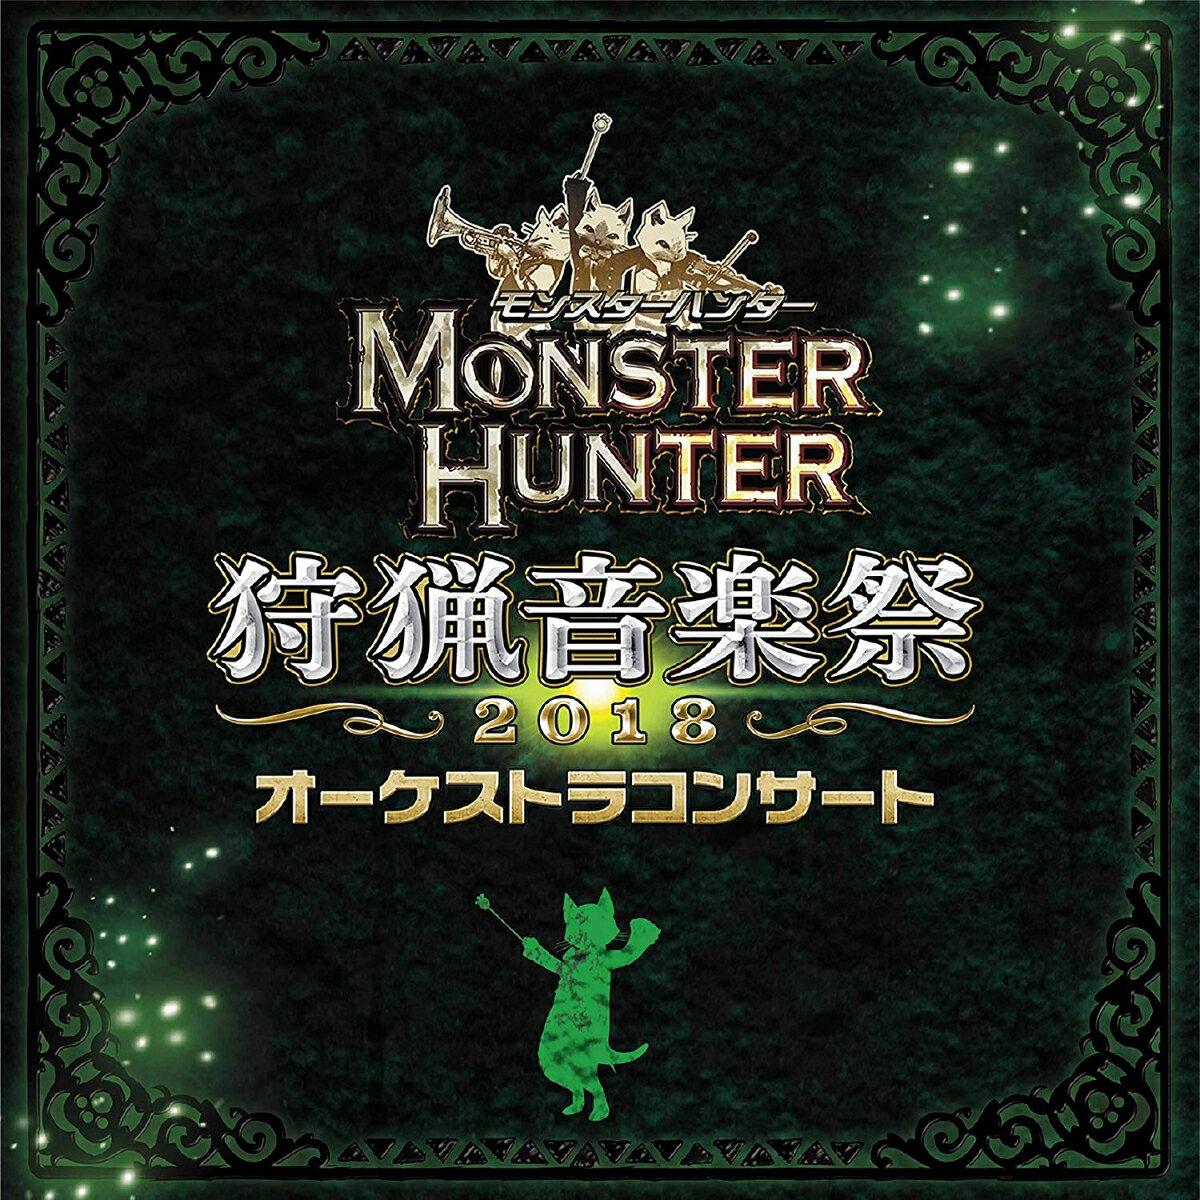 モンスターハンター オーケストラコンサート 狩猟音楽祭2018 [ 栗田博文/東京フィルハーモニー交響楽団 ]